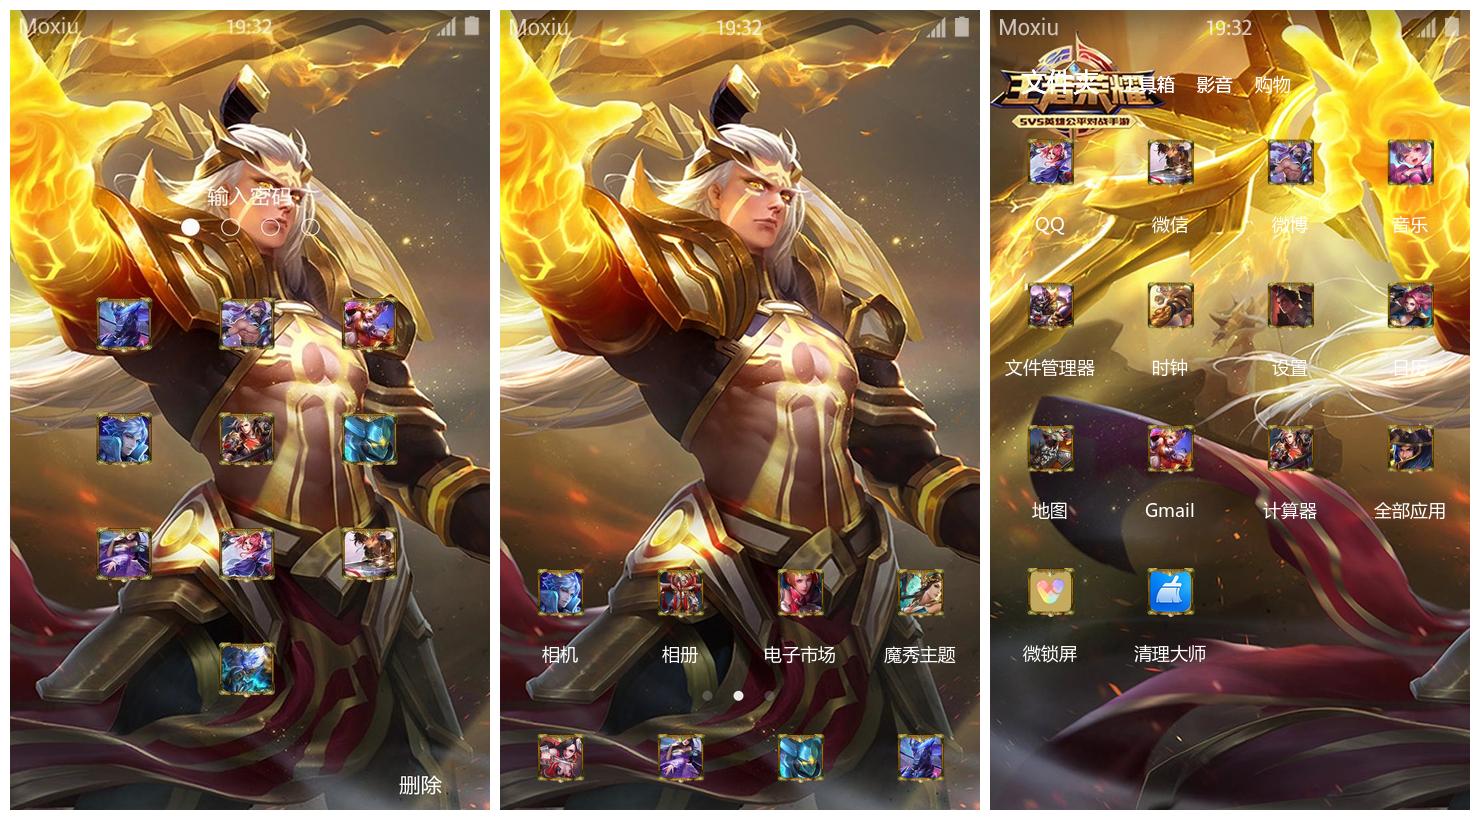 王哲荣耀,动漫手机主题,后羿手机主题